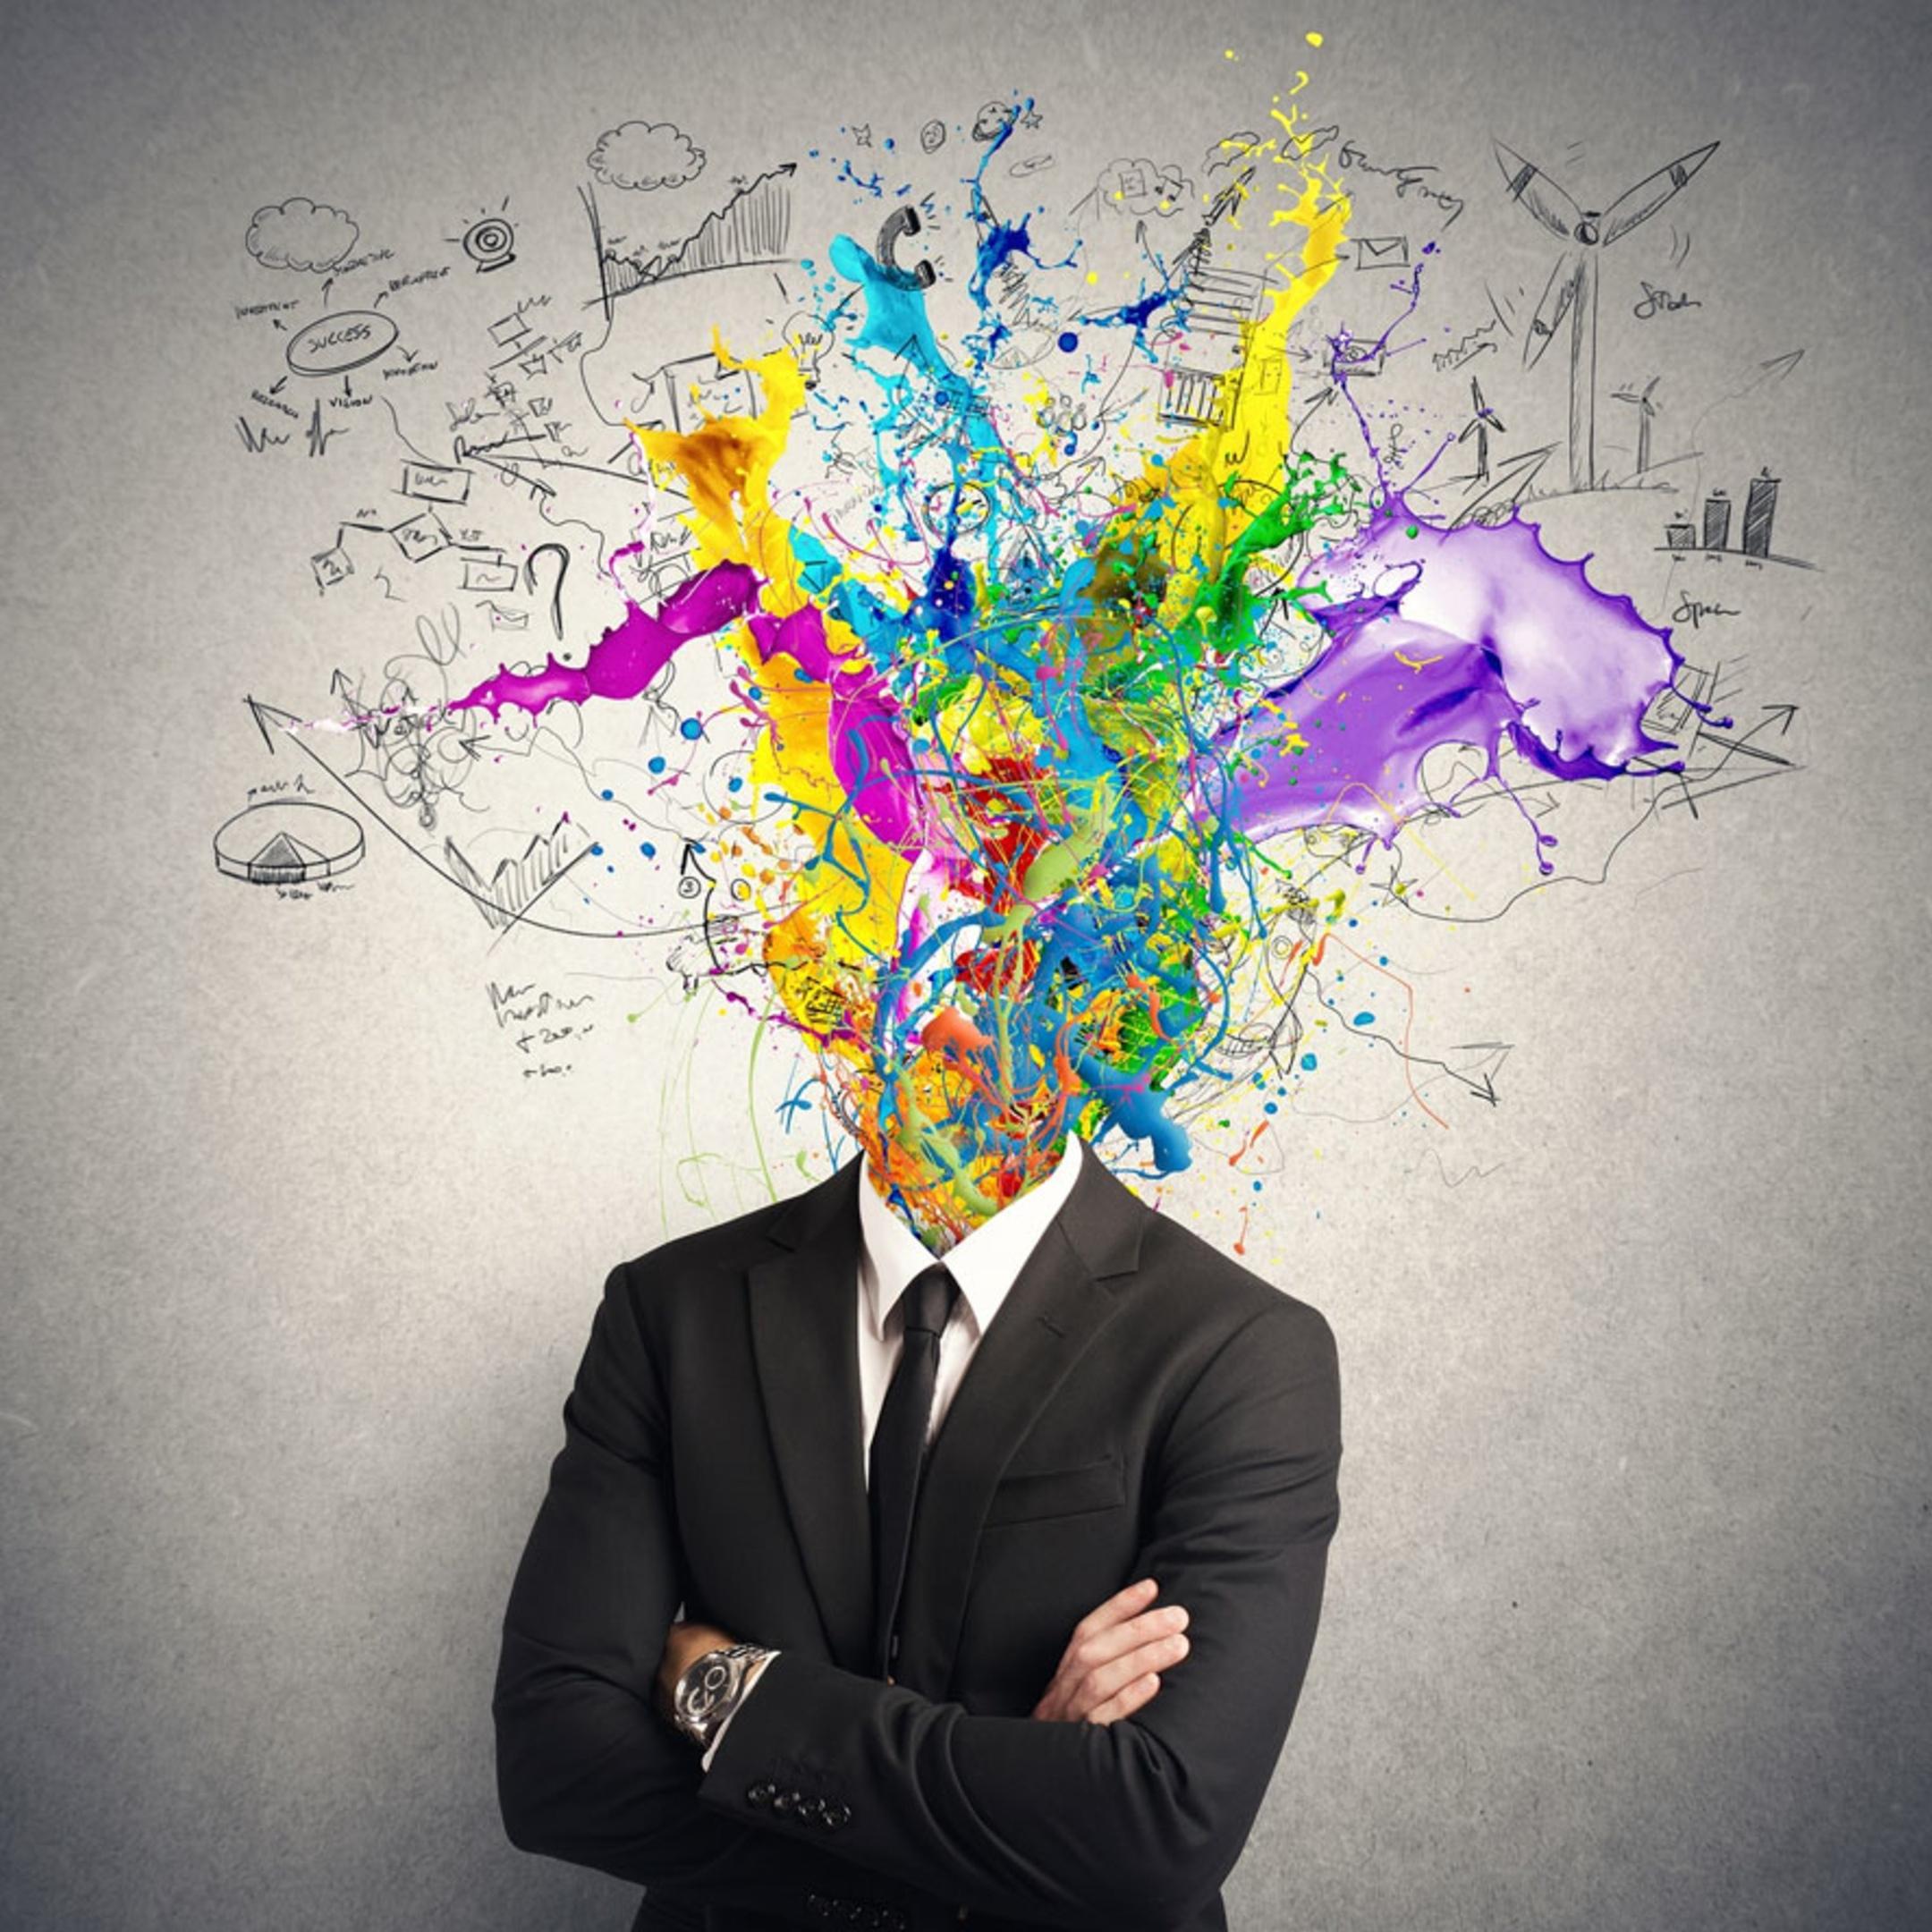 Креативность: что это такое, параметры креативности, как развить креативность.